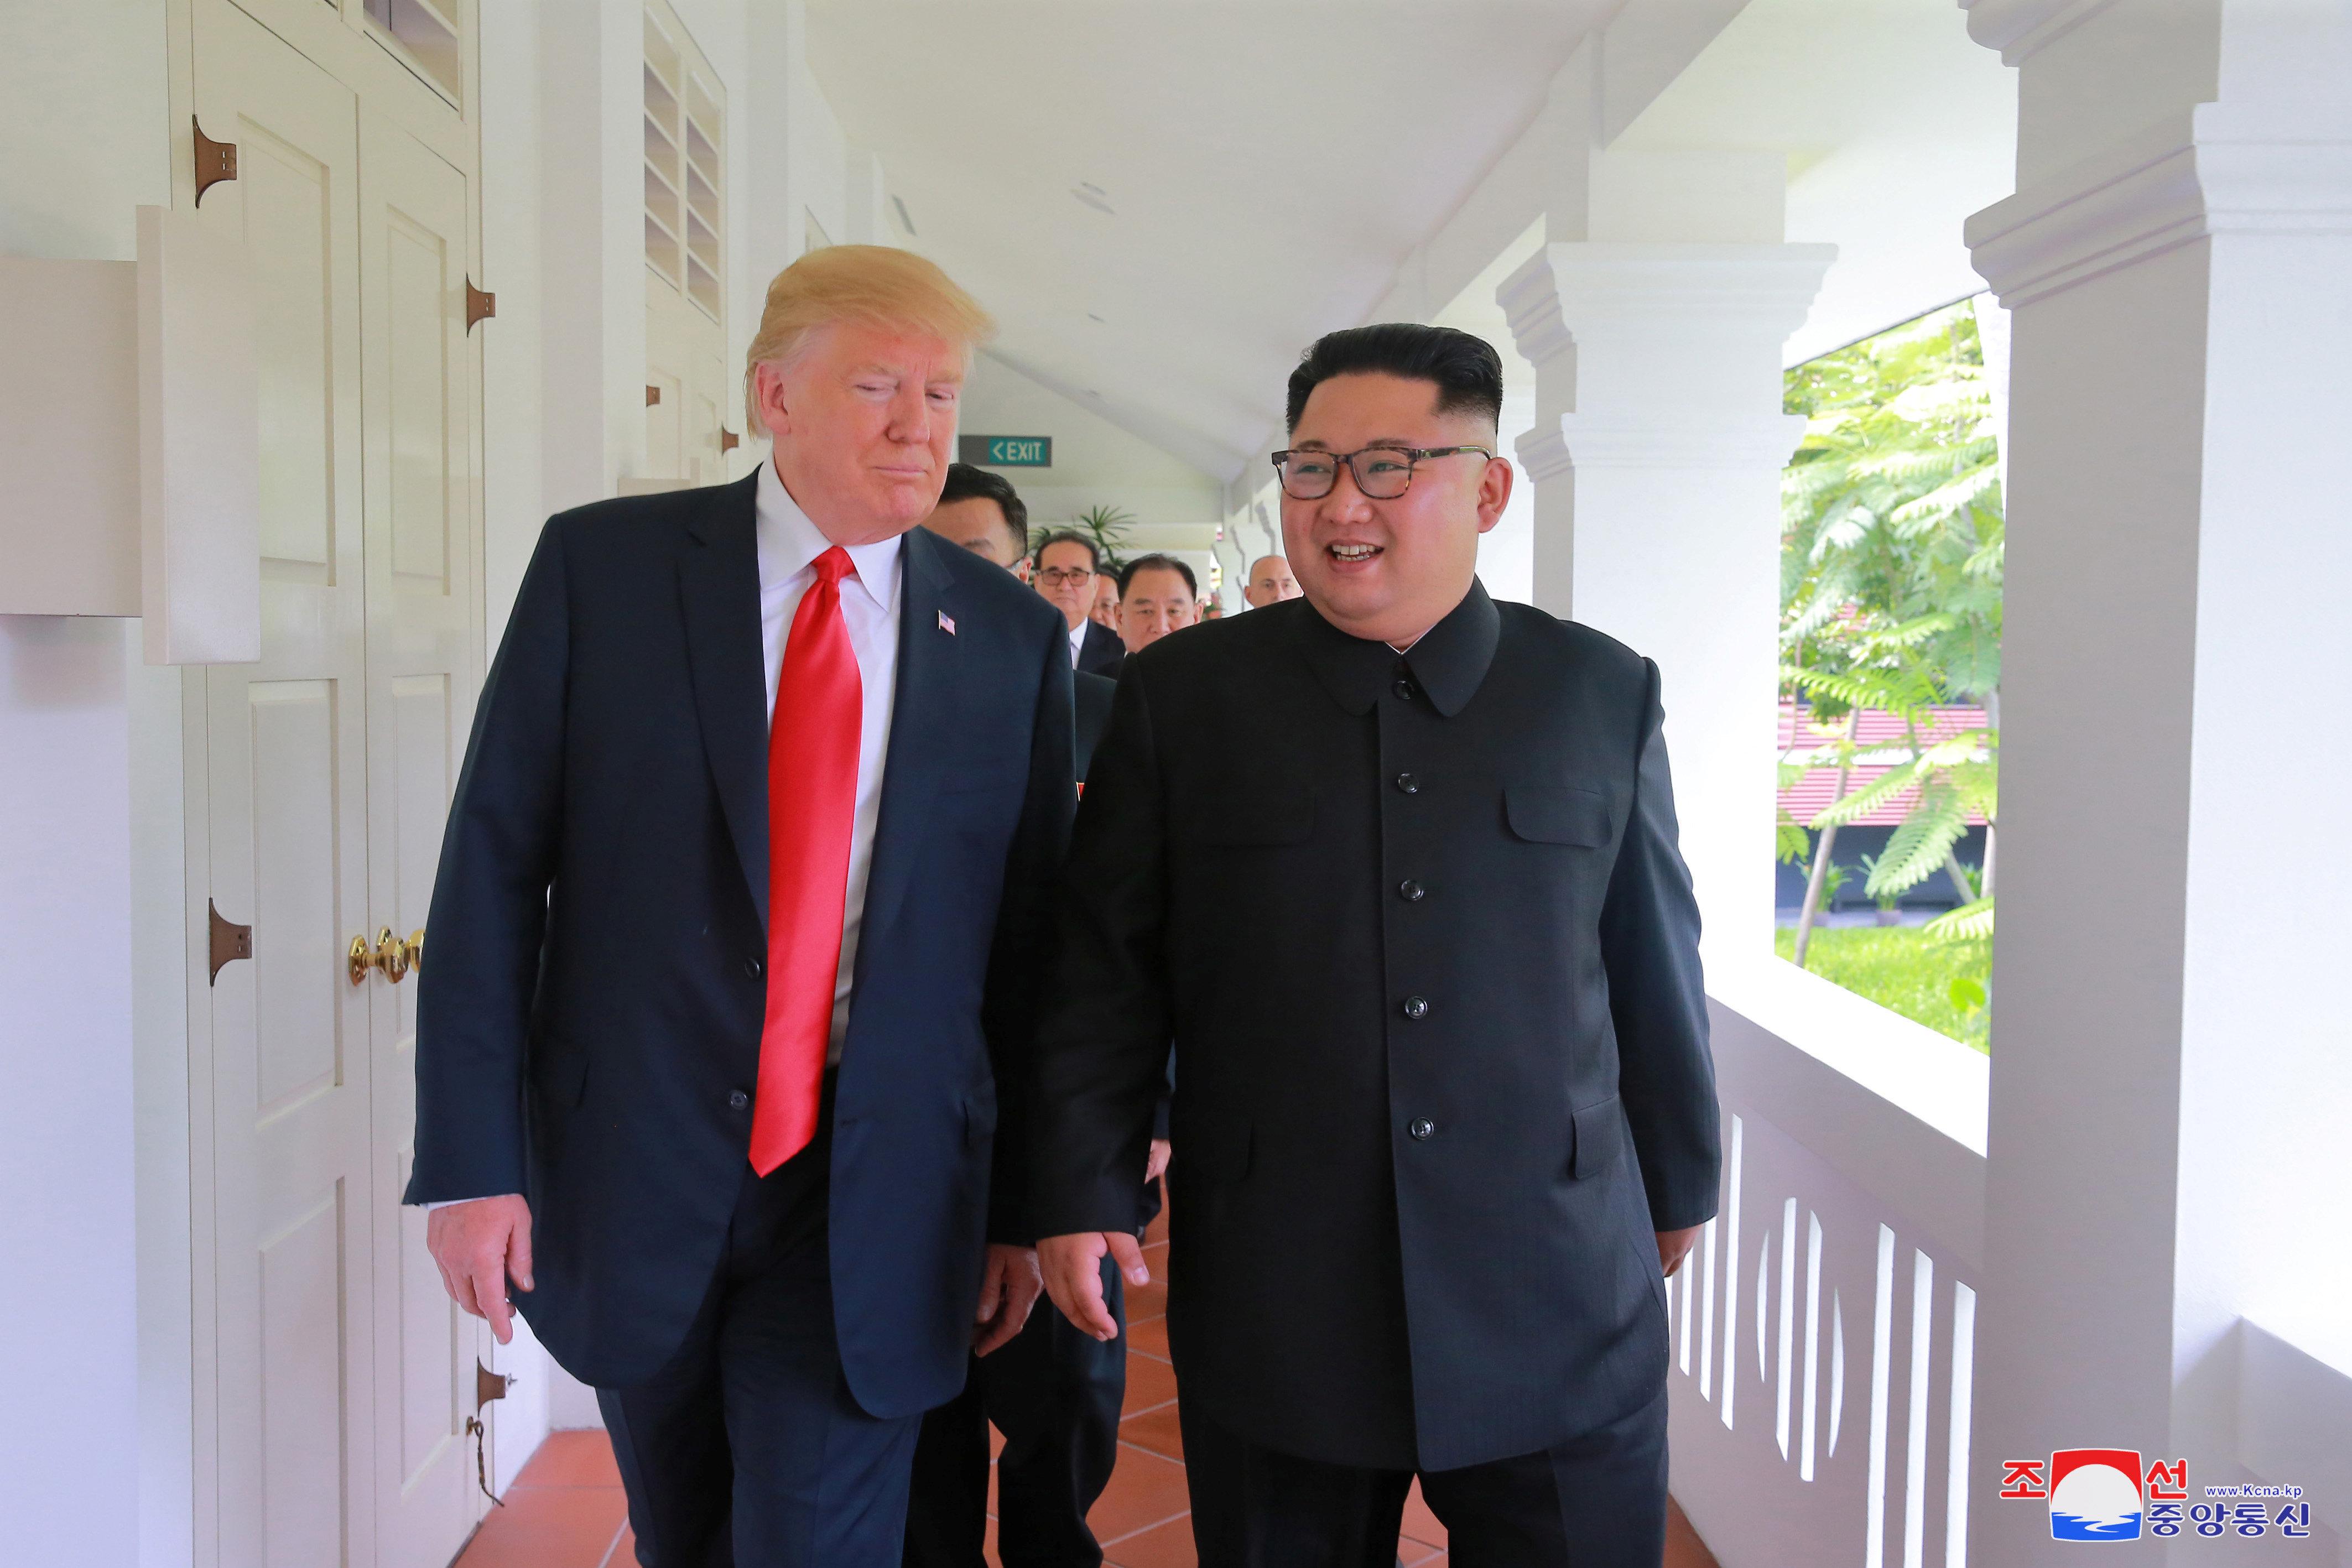 """""""트럼프, 싱가포르 도착 뒤 '회담 하루 앞당겨라'""""…측근들"""